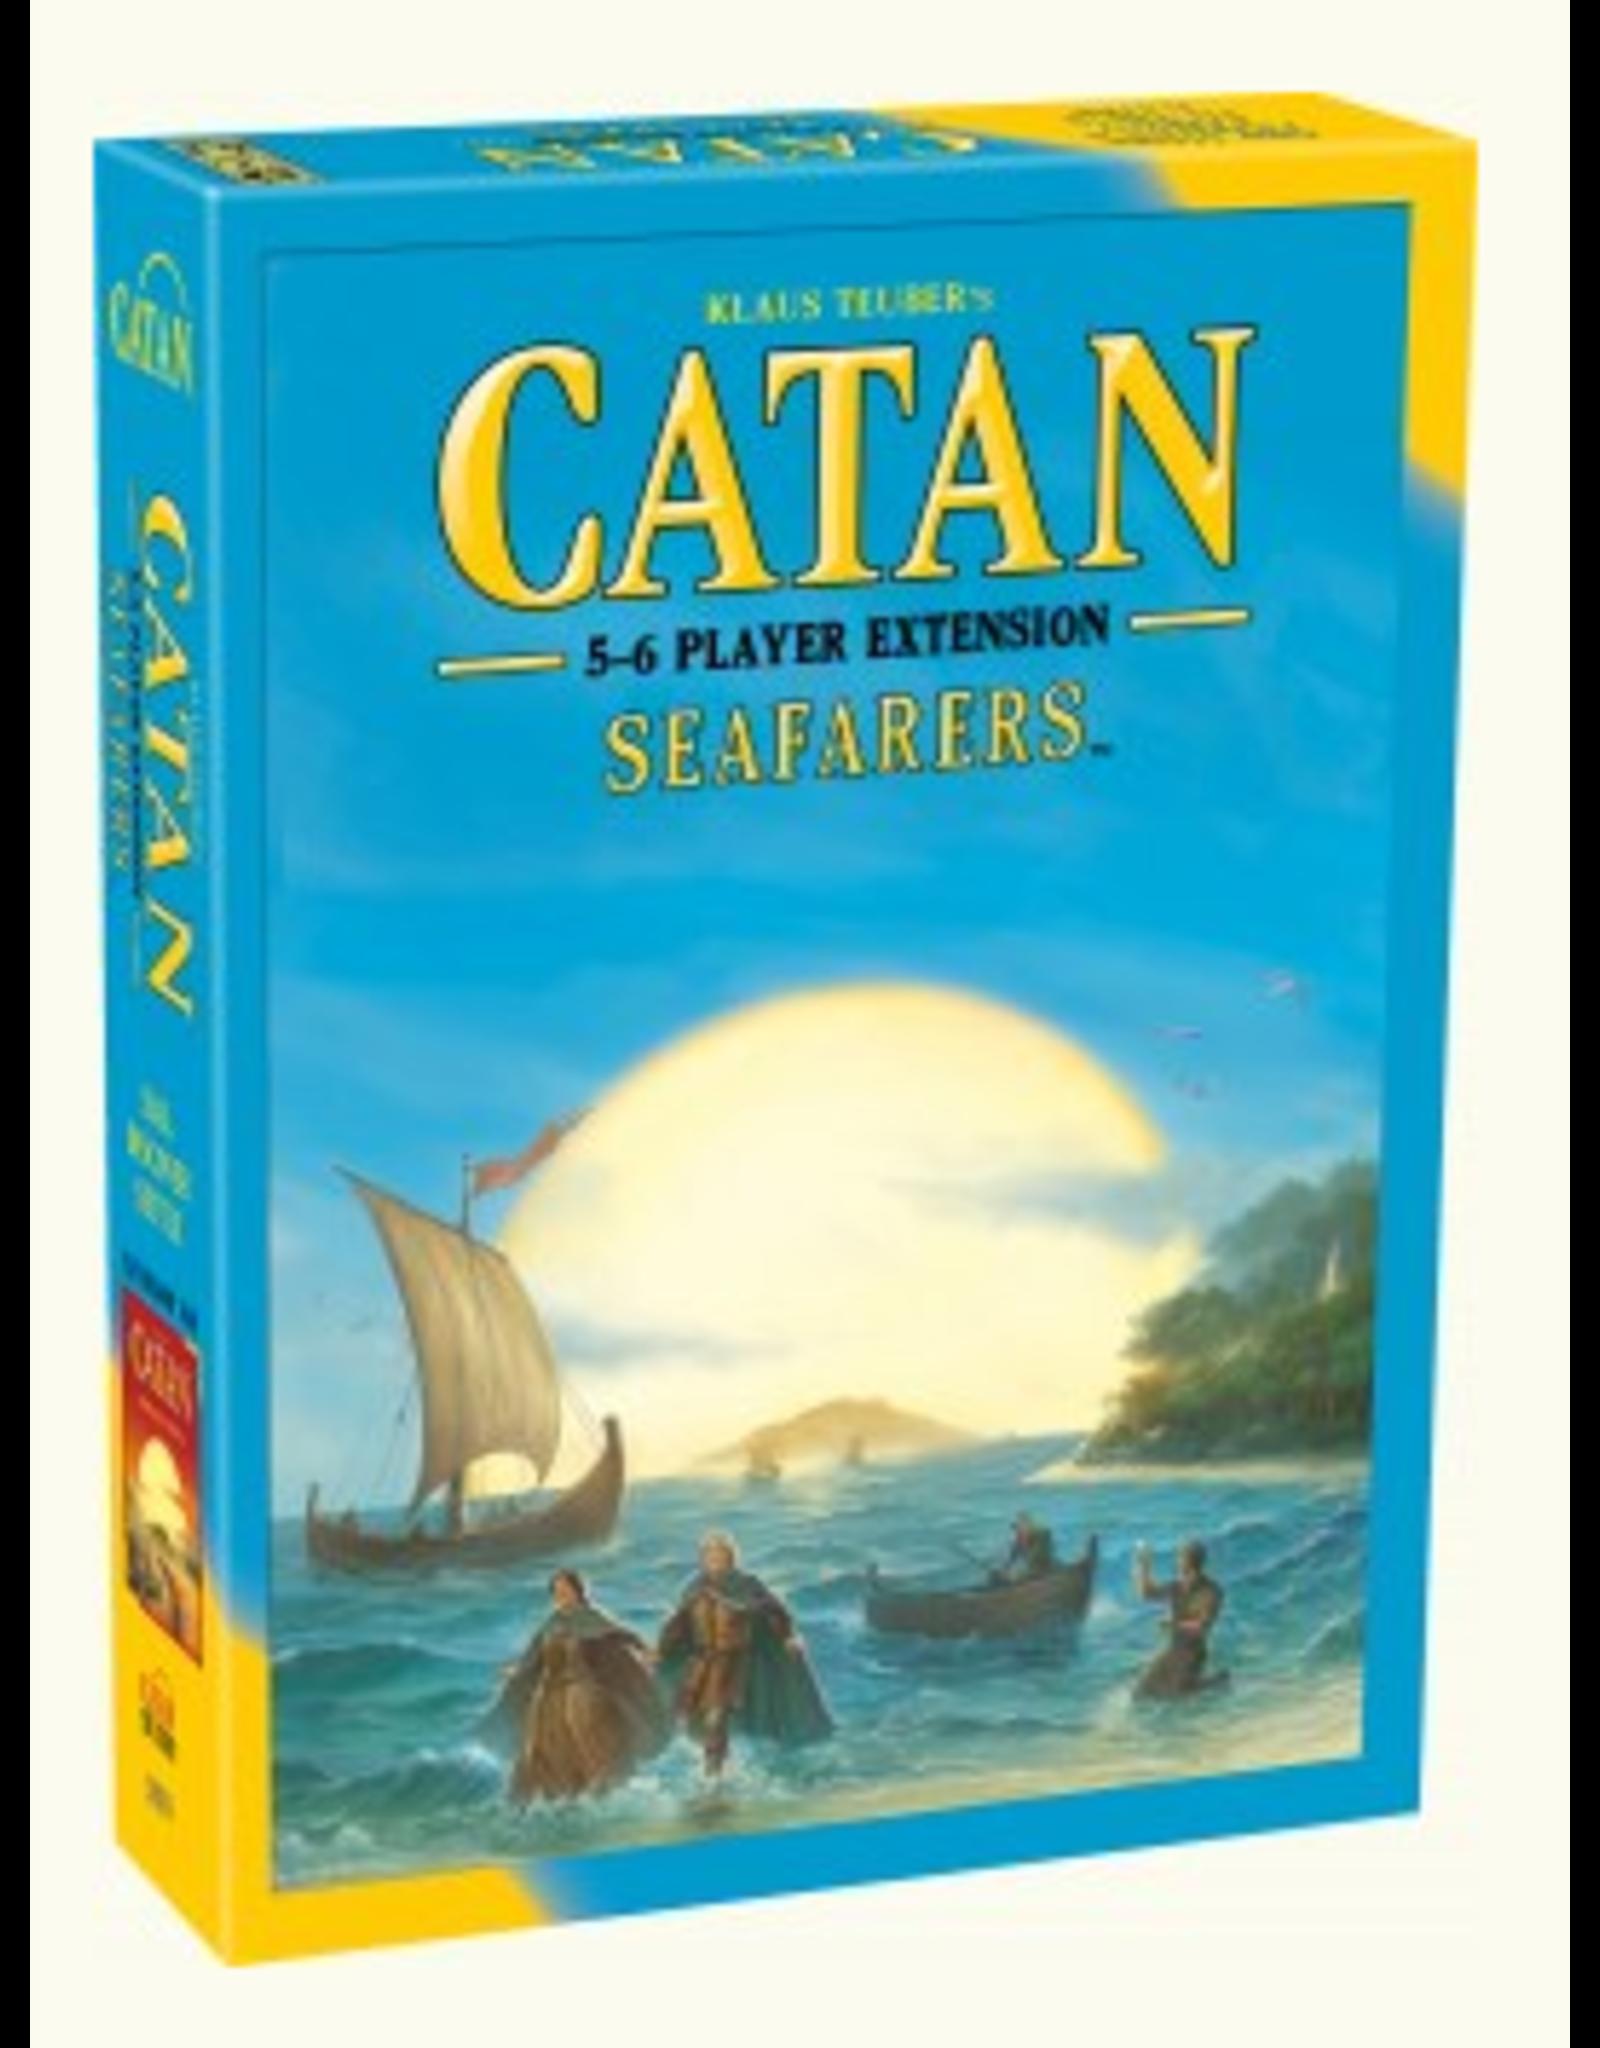 Catan Studios Catan: Seafarers 5-6 Player Extension